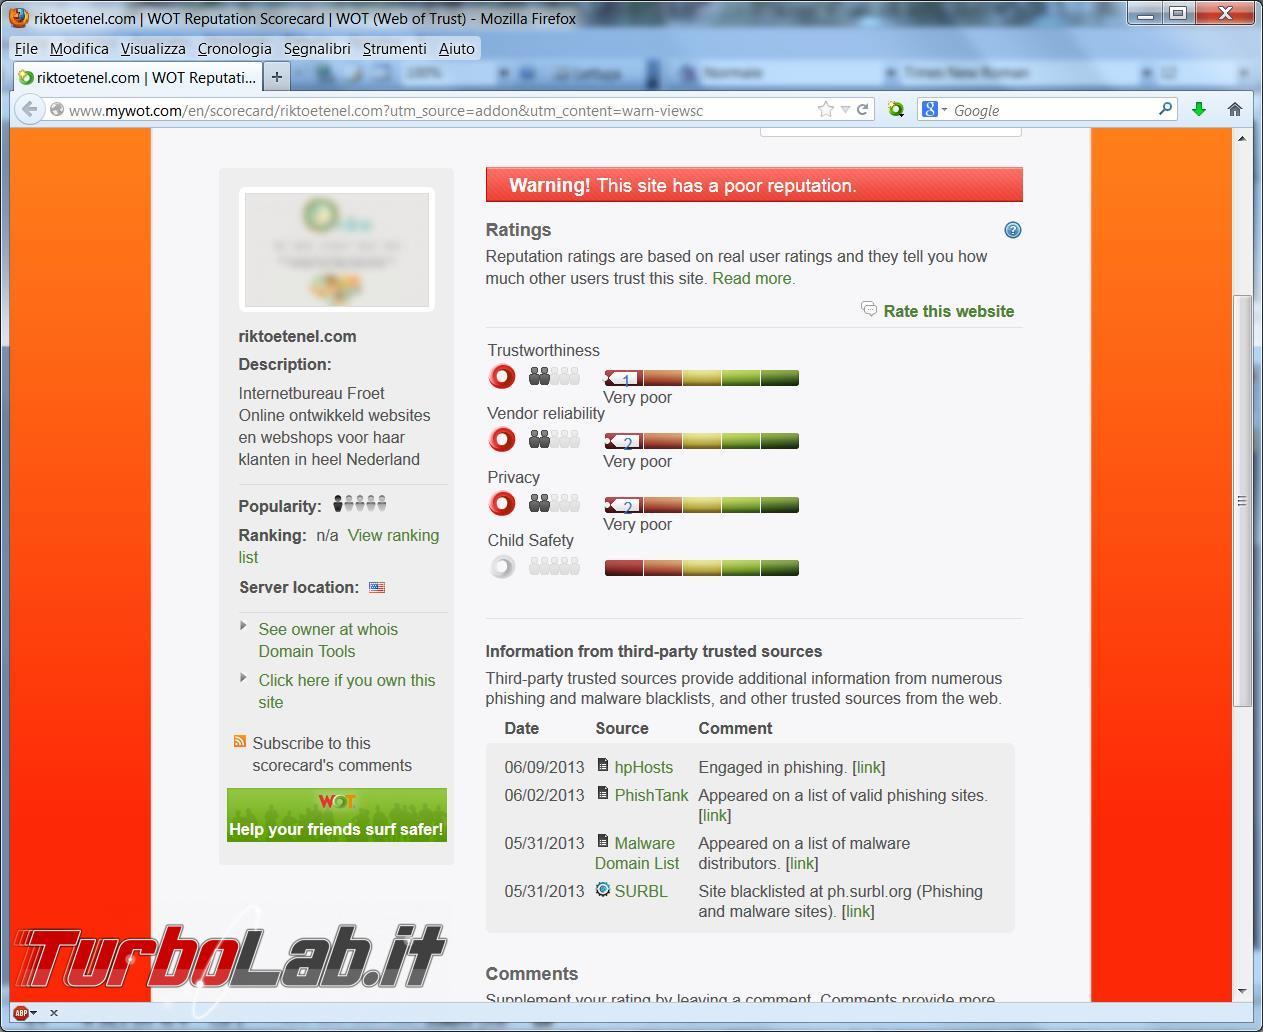 Dating sicurezza del sito Web